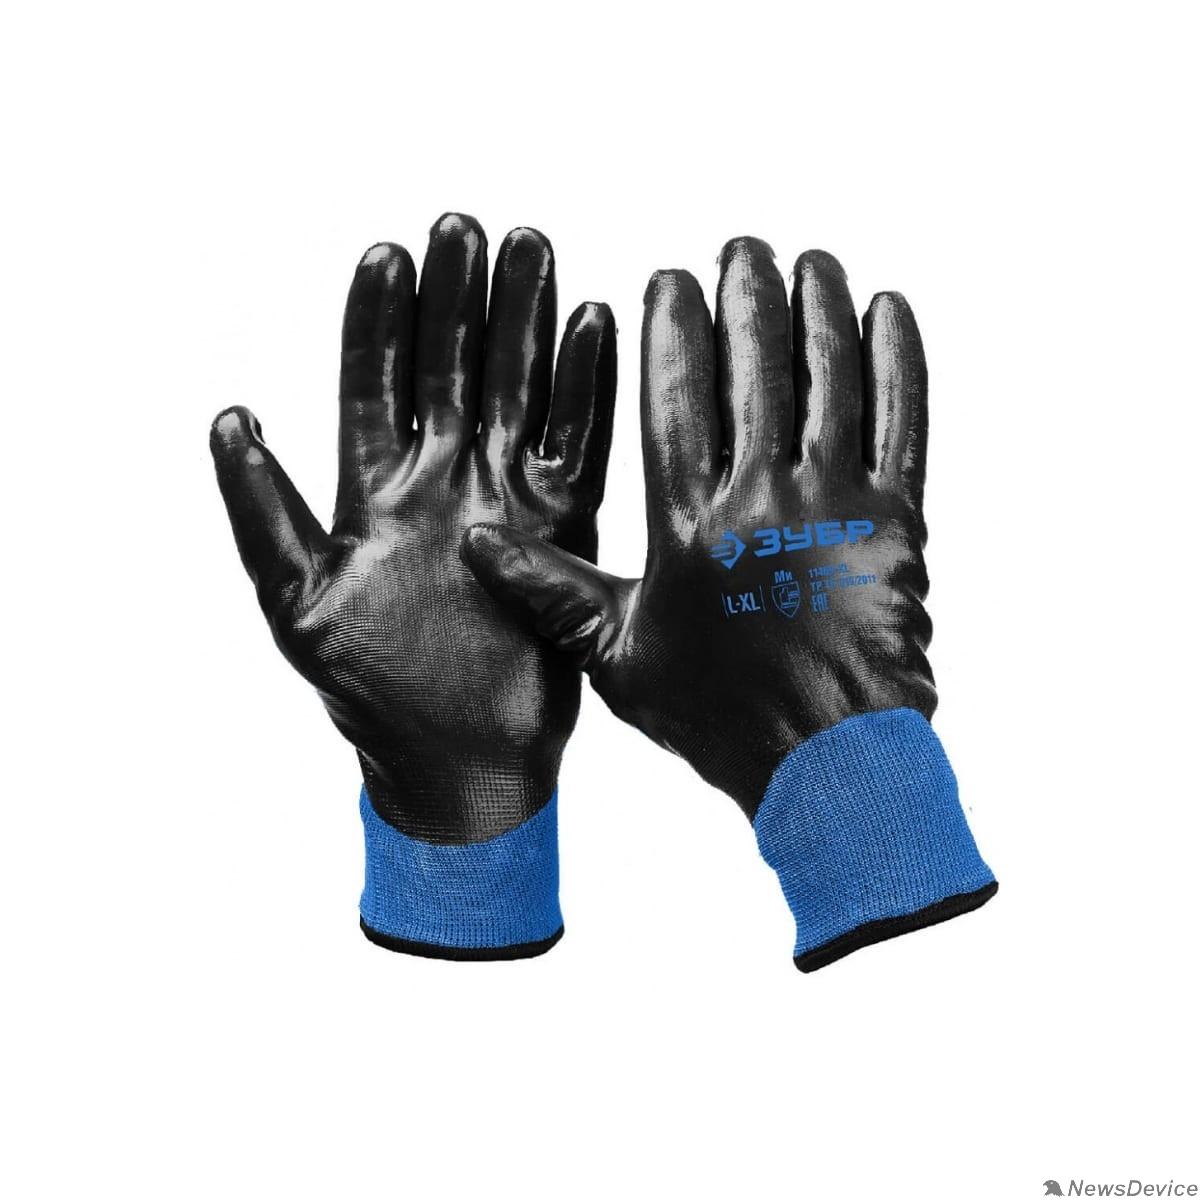 Перчатки ЗУБР АРКТИКА перчатки утепленные износостойкие, двухслойные, размер L-XL. 11469-XL